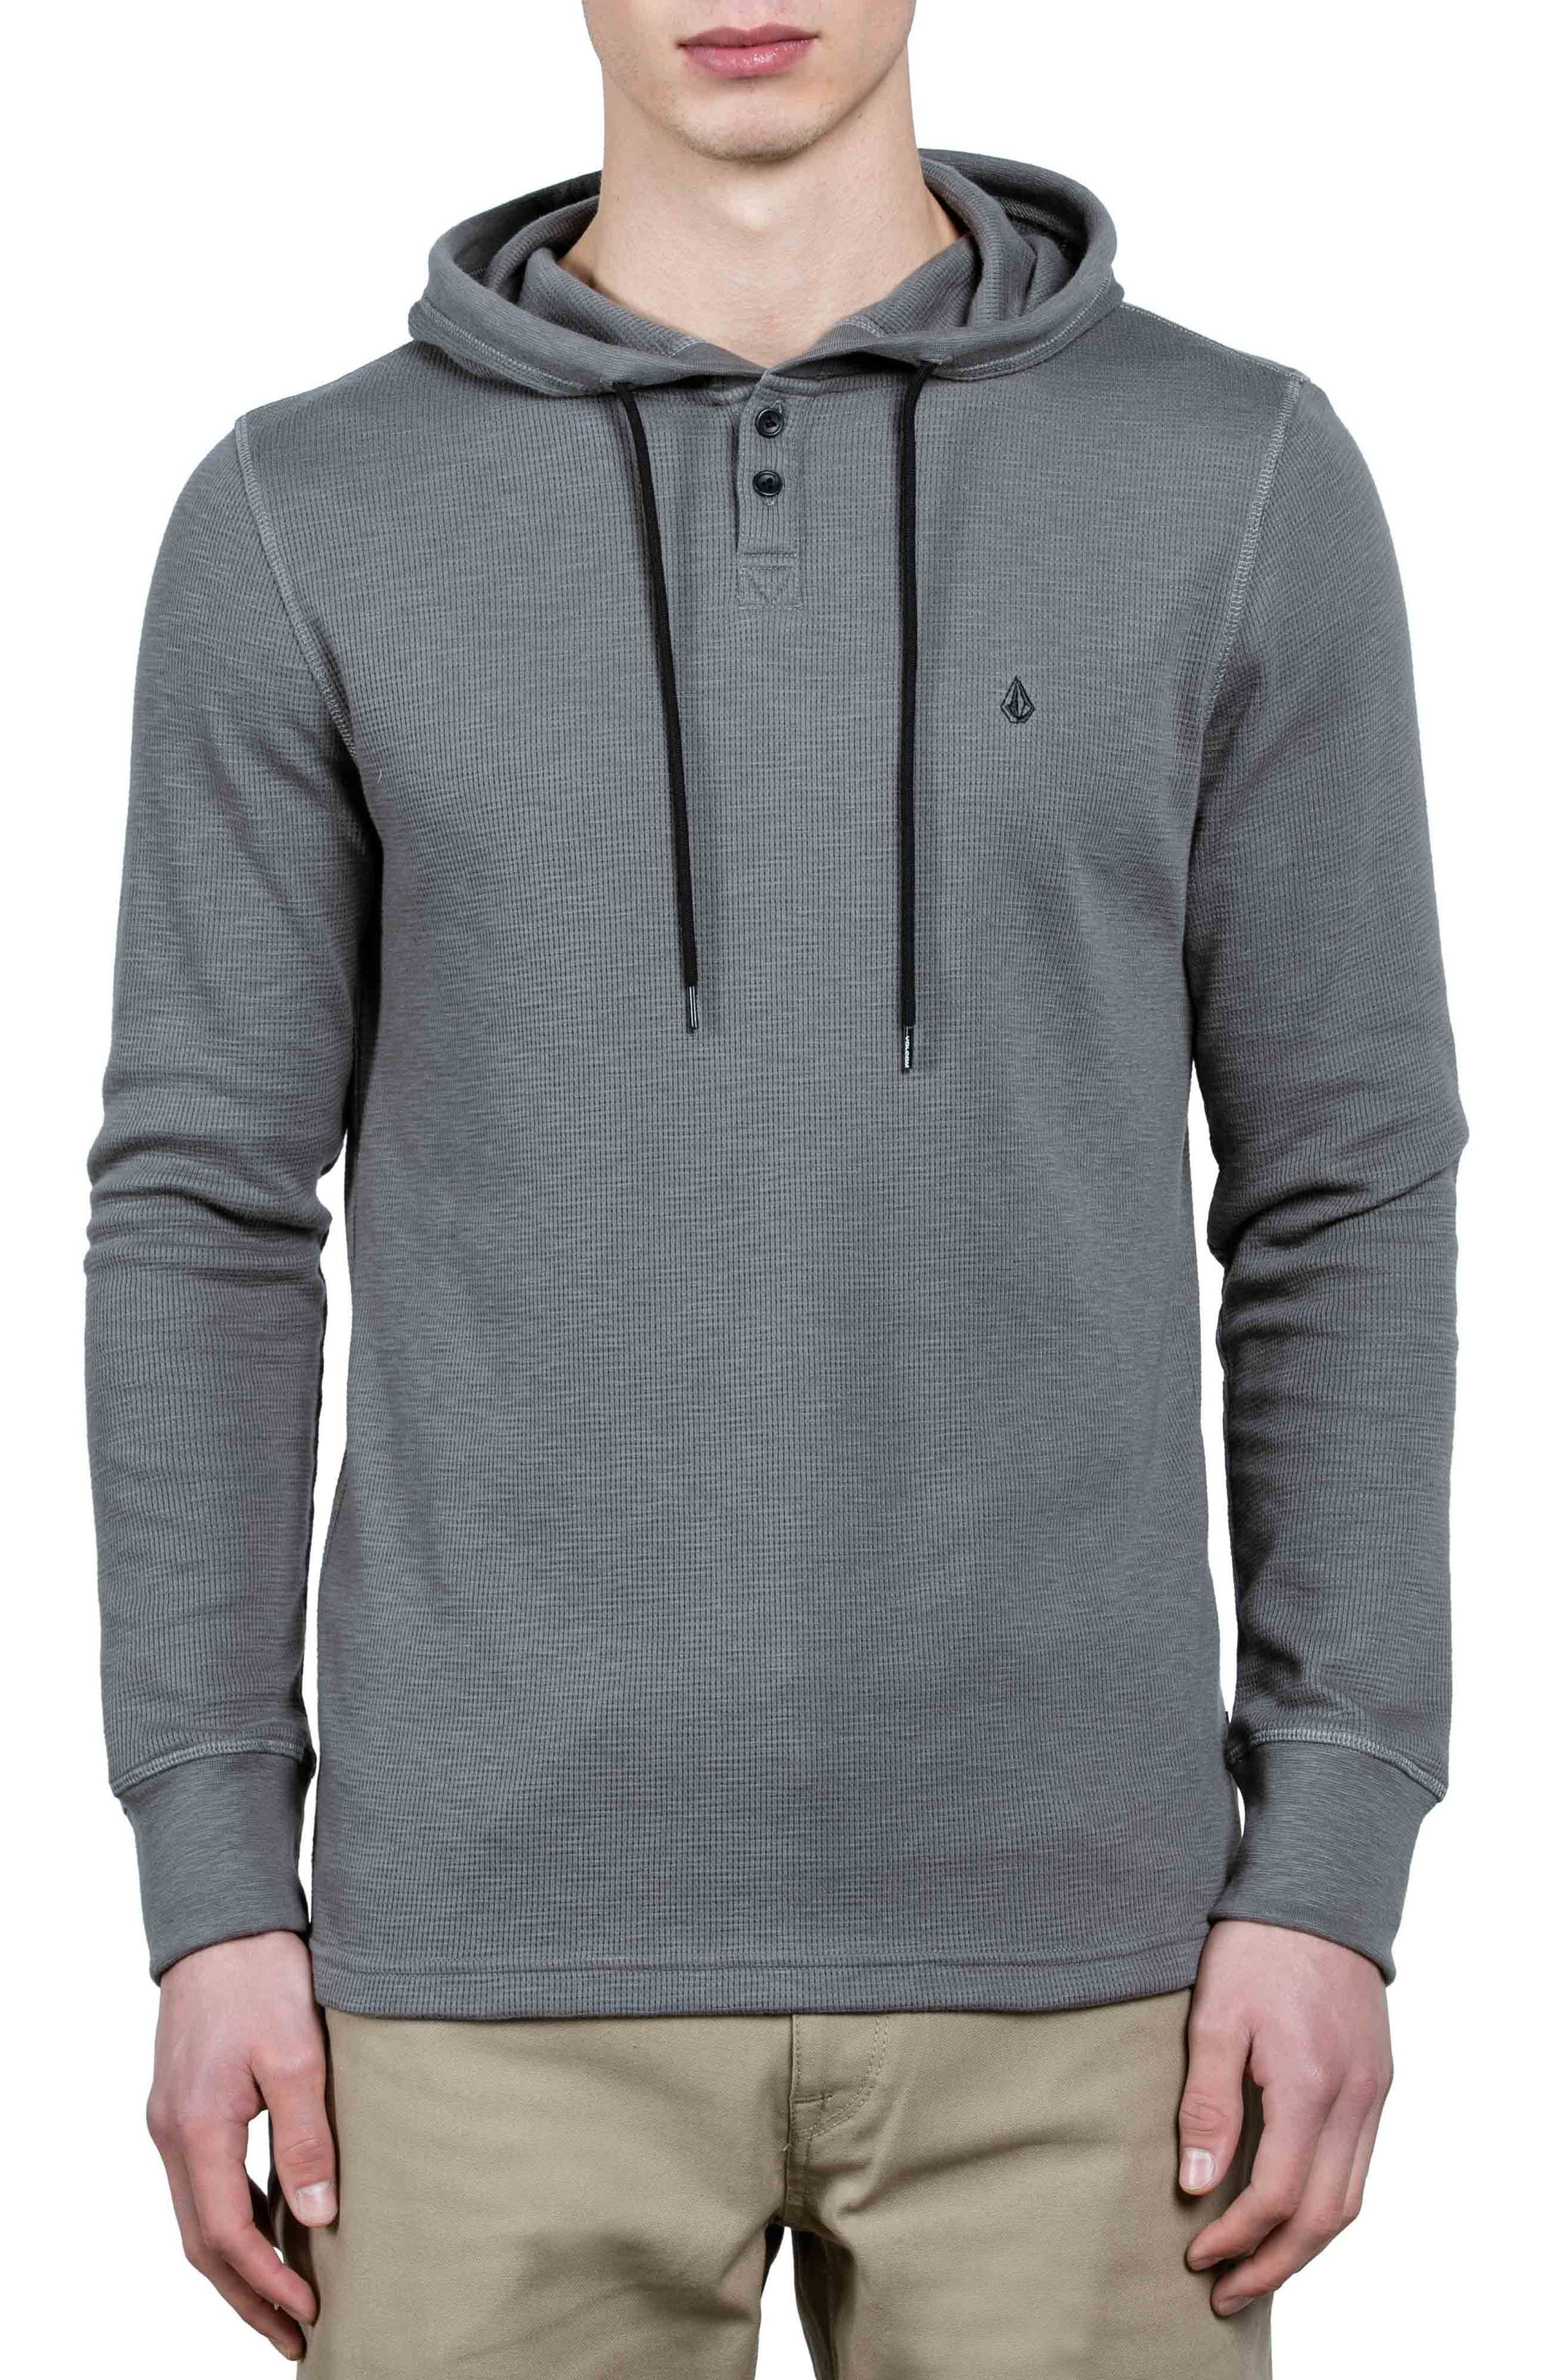 Murphy Thermal Hoodie,                         Main,                         color, Grey